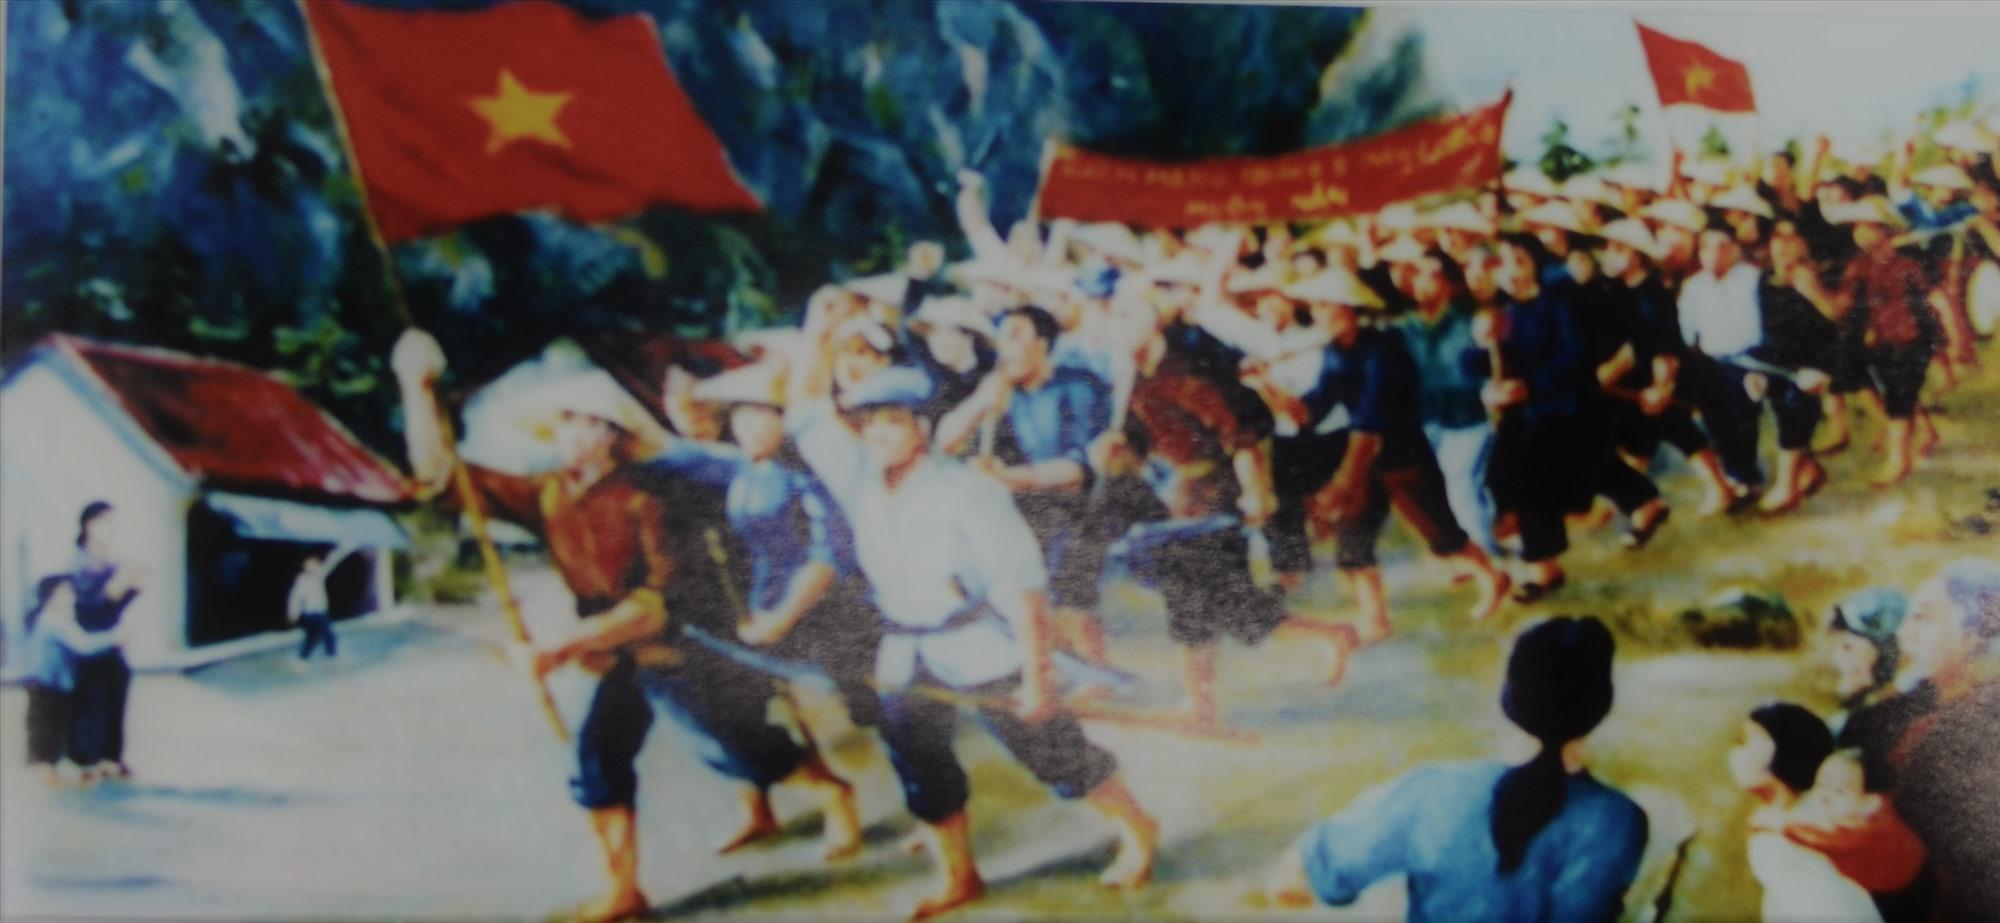 Nhân dân Quảng Nam xuống đường năm 1945 (Ảnh tư liệu)